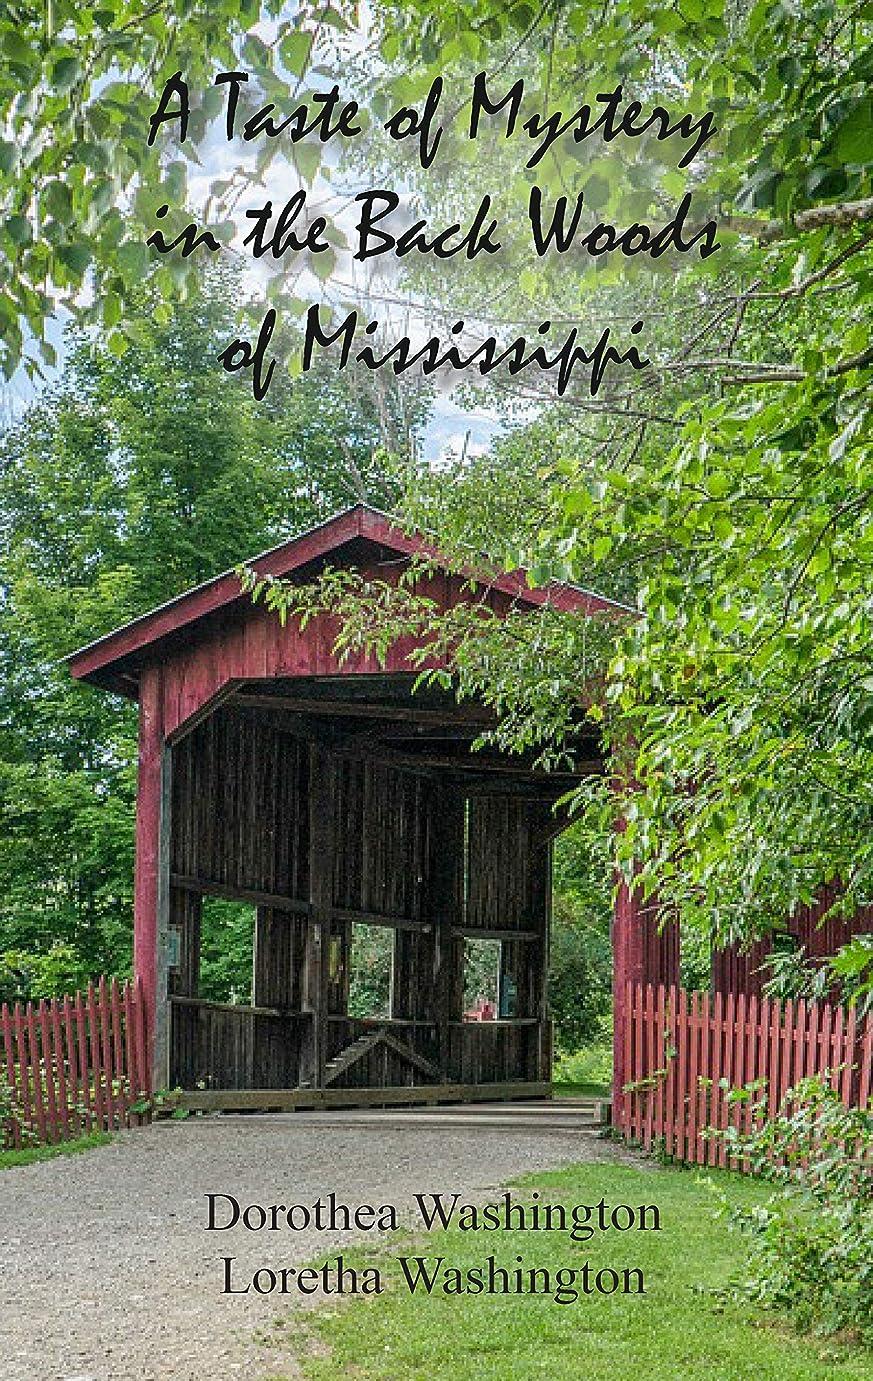 急速な切手受動的A Taste Of Mystery In The Back Woods Of Mississippi (English Edition)